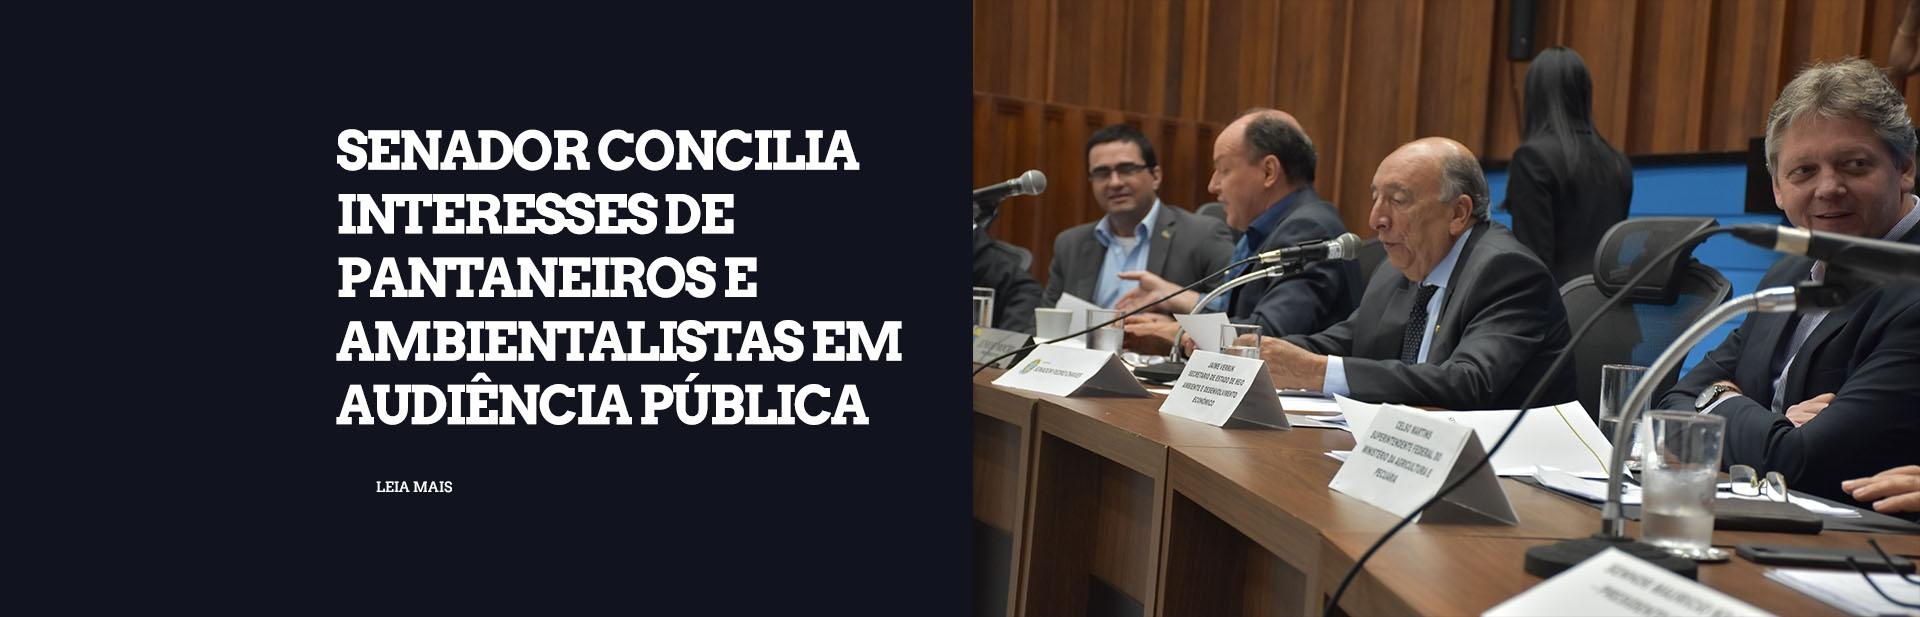 Audiência pública promovida por Pedro Chaves concilia interesses de pantaneiros e ambientalistas